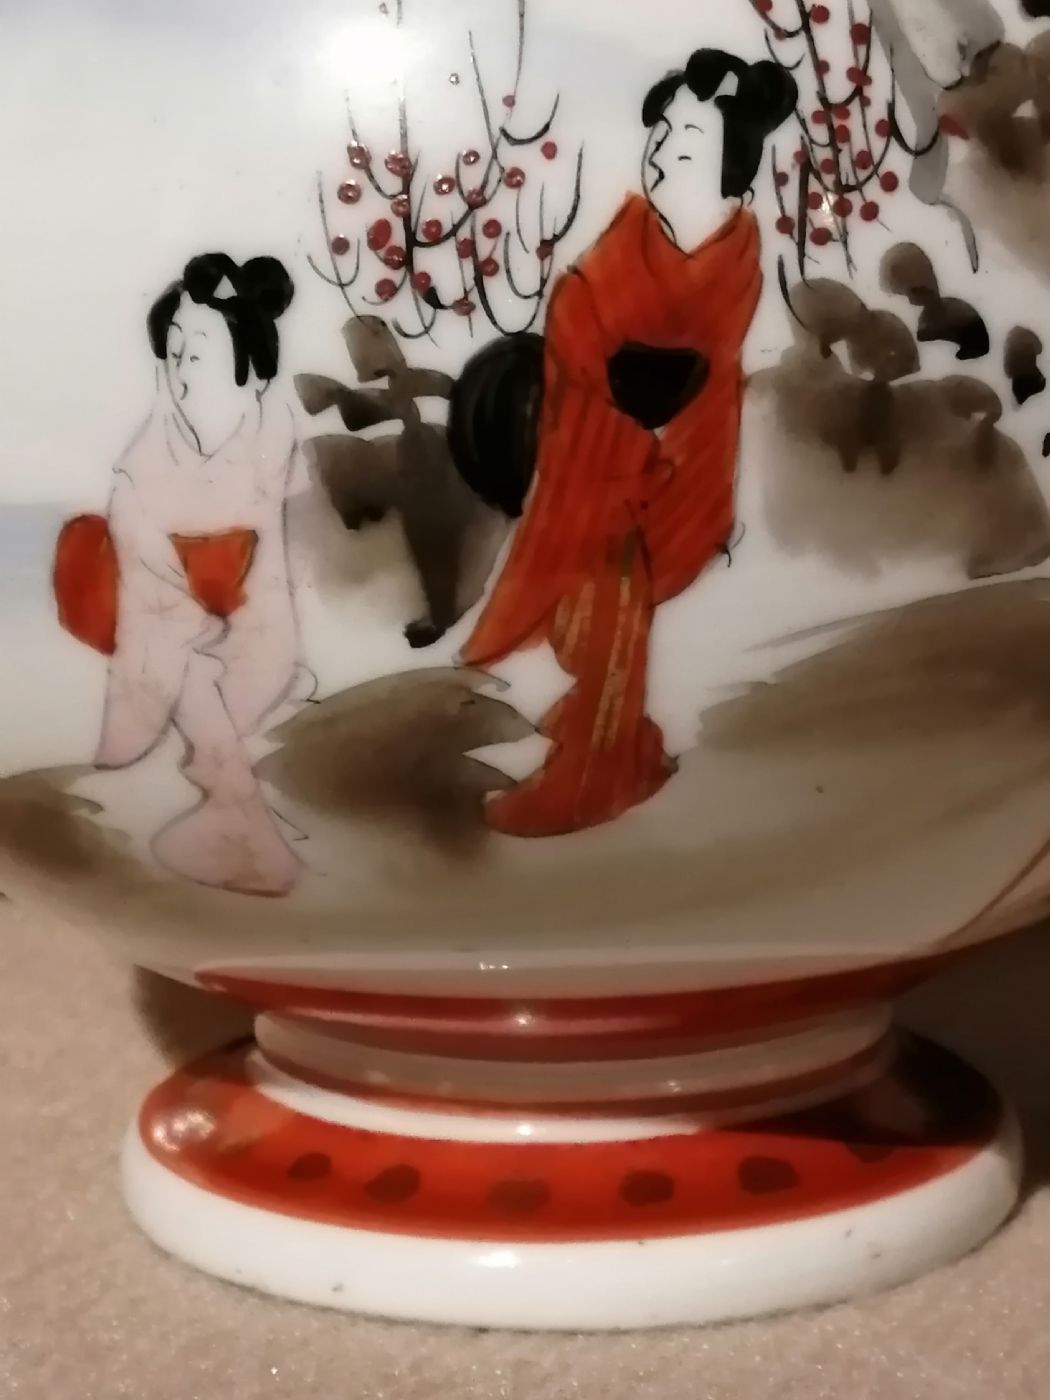 thumb3|Vaso giapponese dell'800 in ceramica dipinta